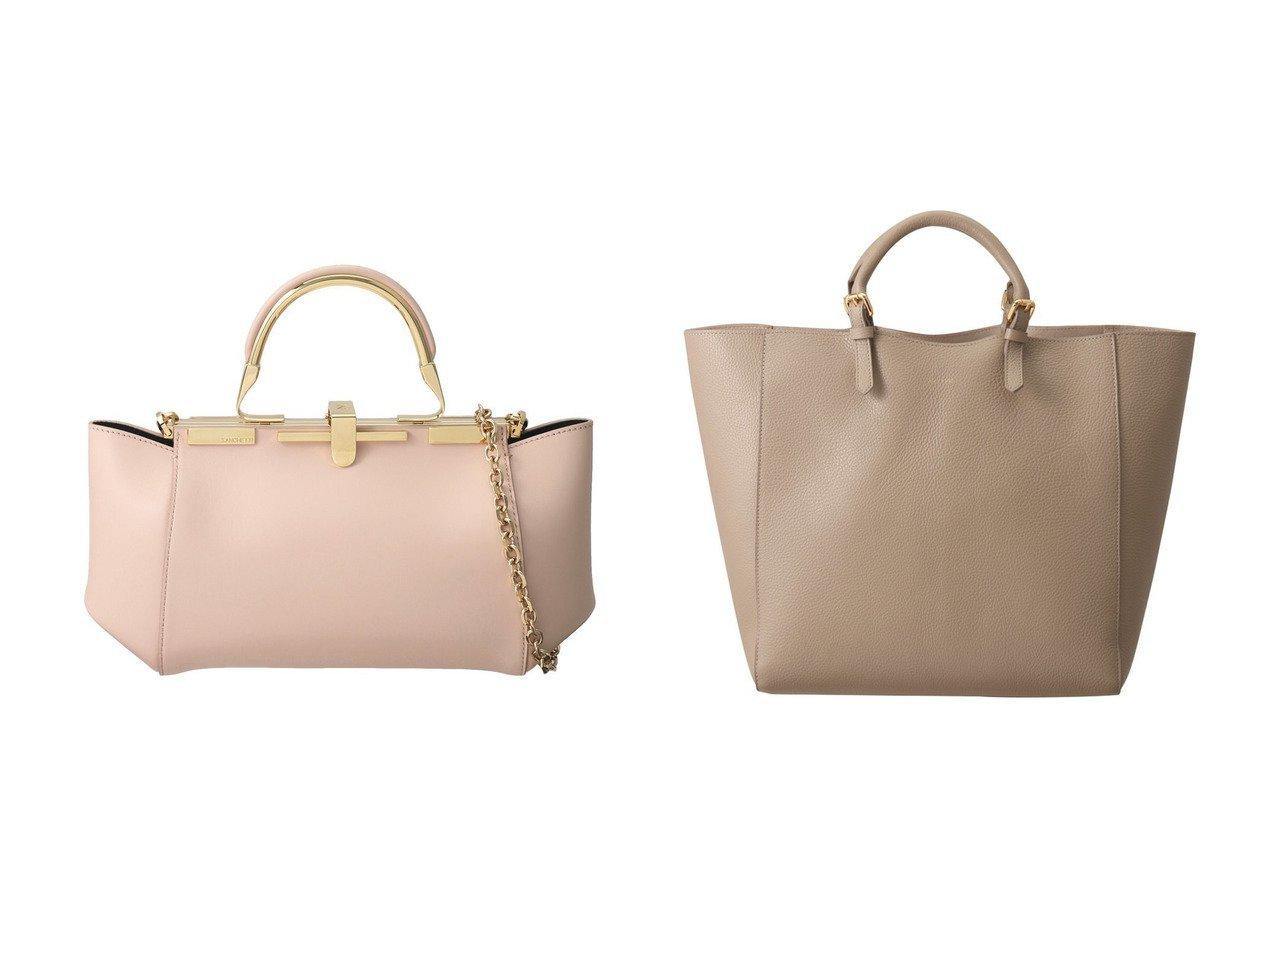 【RIEMPIRE/リエンピーレ】のALIDA ラージトートバッグ&【ZANCHETTI/ザンチェッティ】のAMLETO 20 3wayハンドバッグ 【バッグ・鞄】おすすめ!人気、トレンド・レディースファッションの通販  おすすめで人気の流行・トレンド、ファッションの通販商品 メンズファッション・キッズファッション・インテリア・家具・レディースファッション・服の通販 founy(ファニー) https://founy.com/ ファッション Fashion レディースファッション WOMEN バッグ Bag コンパクト ショルダー チェーン ハンドバッグ パーティ シンプル  ID:crp329100000032122